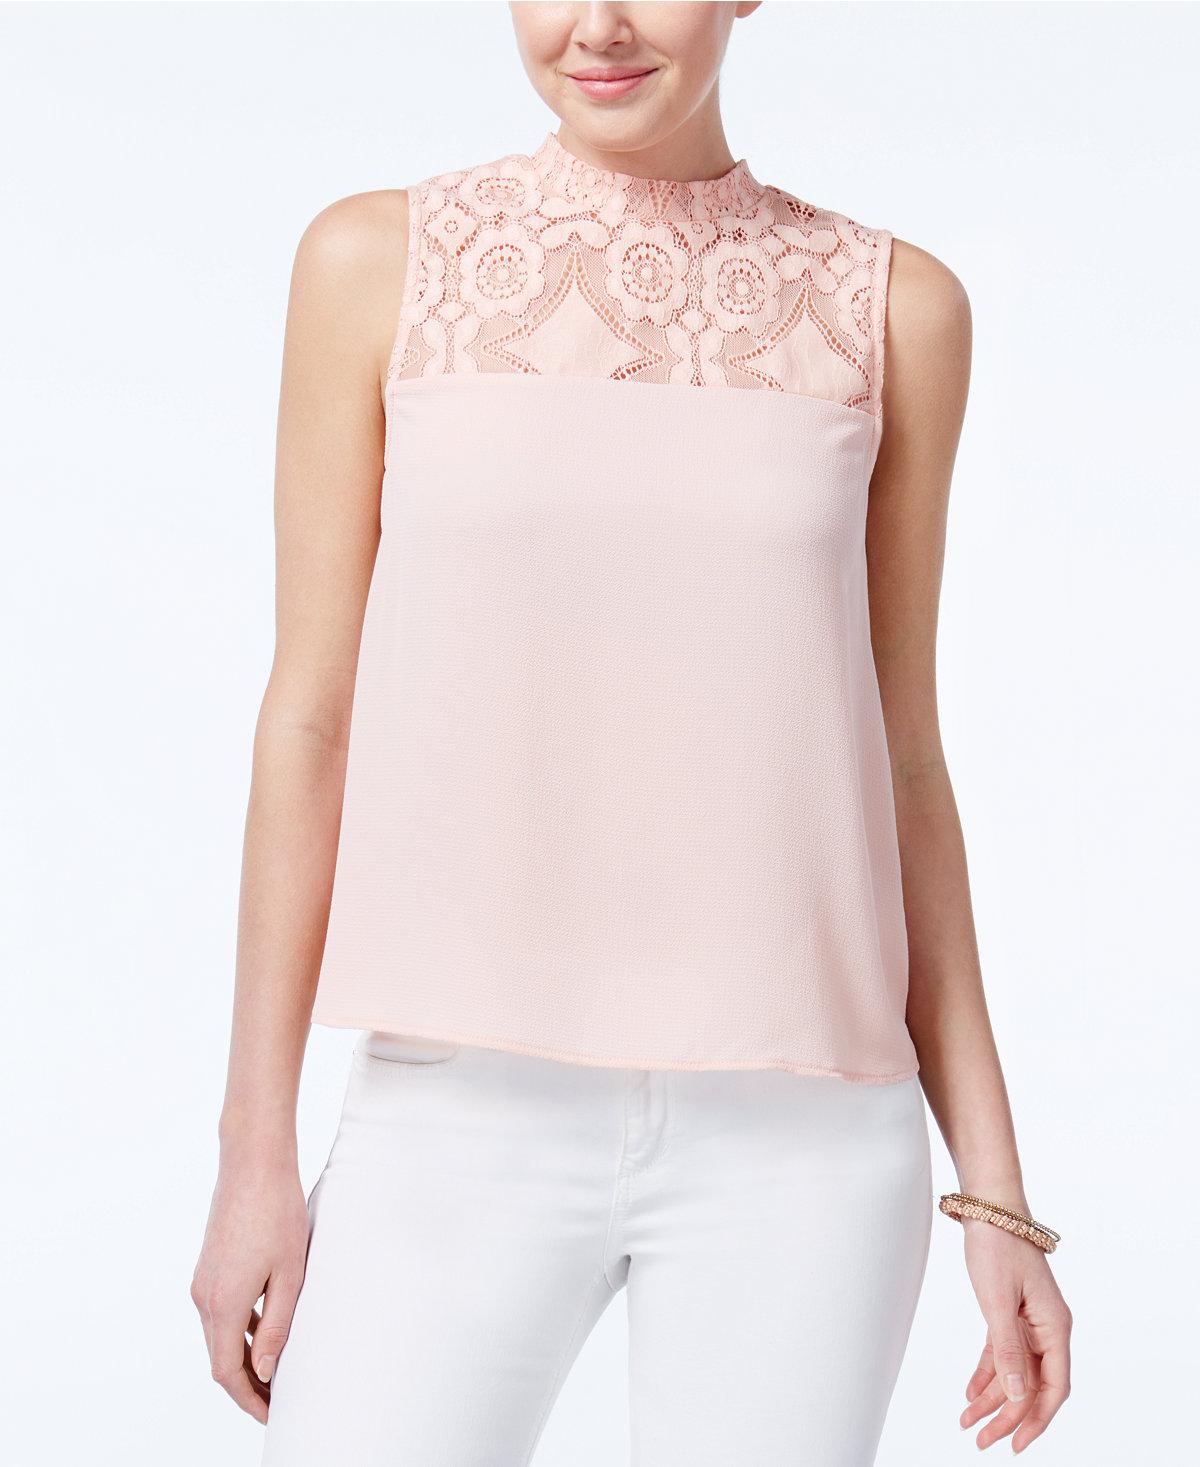 lace shirt.jpeg